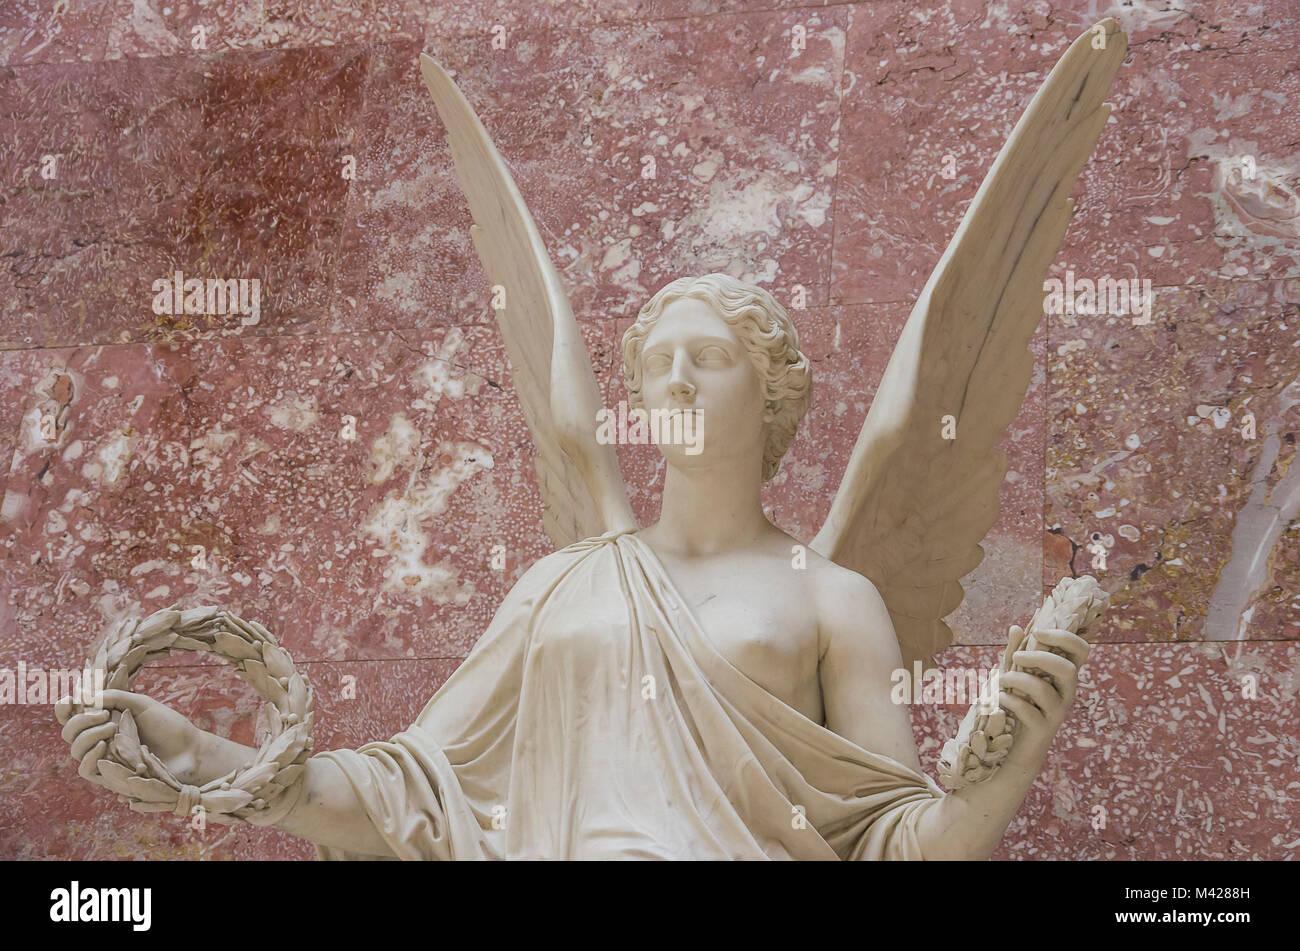 Allegorische Engel Figur in der Ruhmeshalle Walhalla in Donaustauf in der Nähe von Regensburg, Bayern, Deutschland. Stockbild